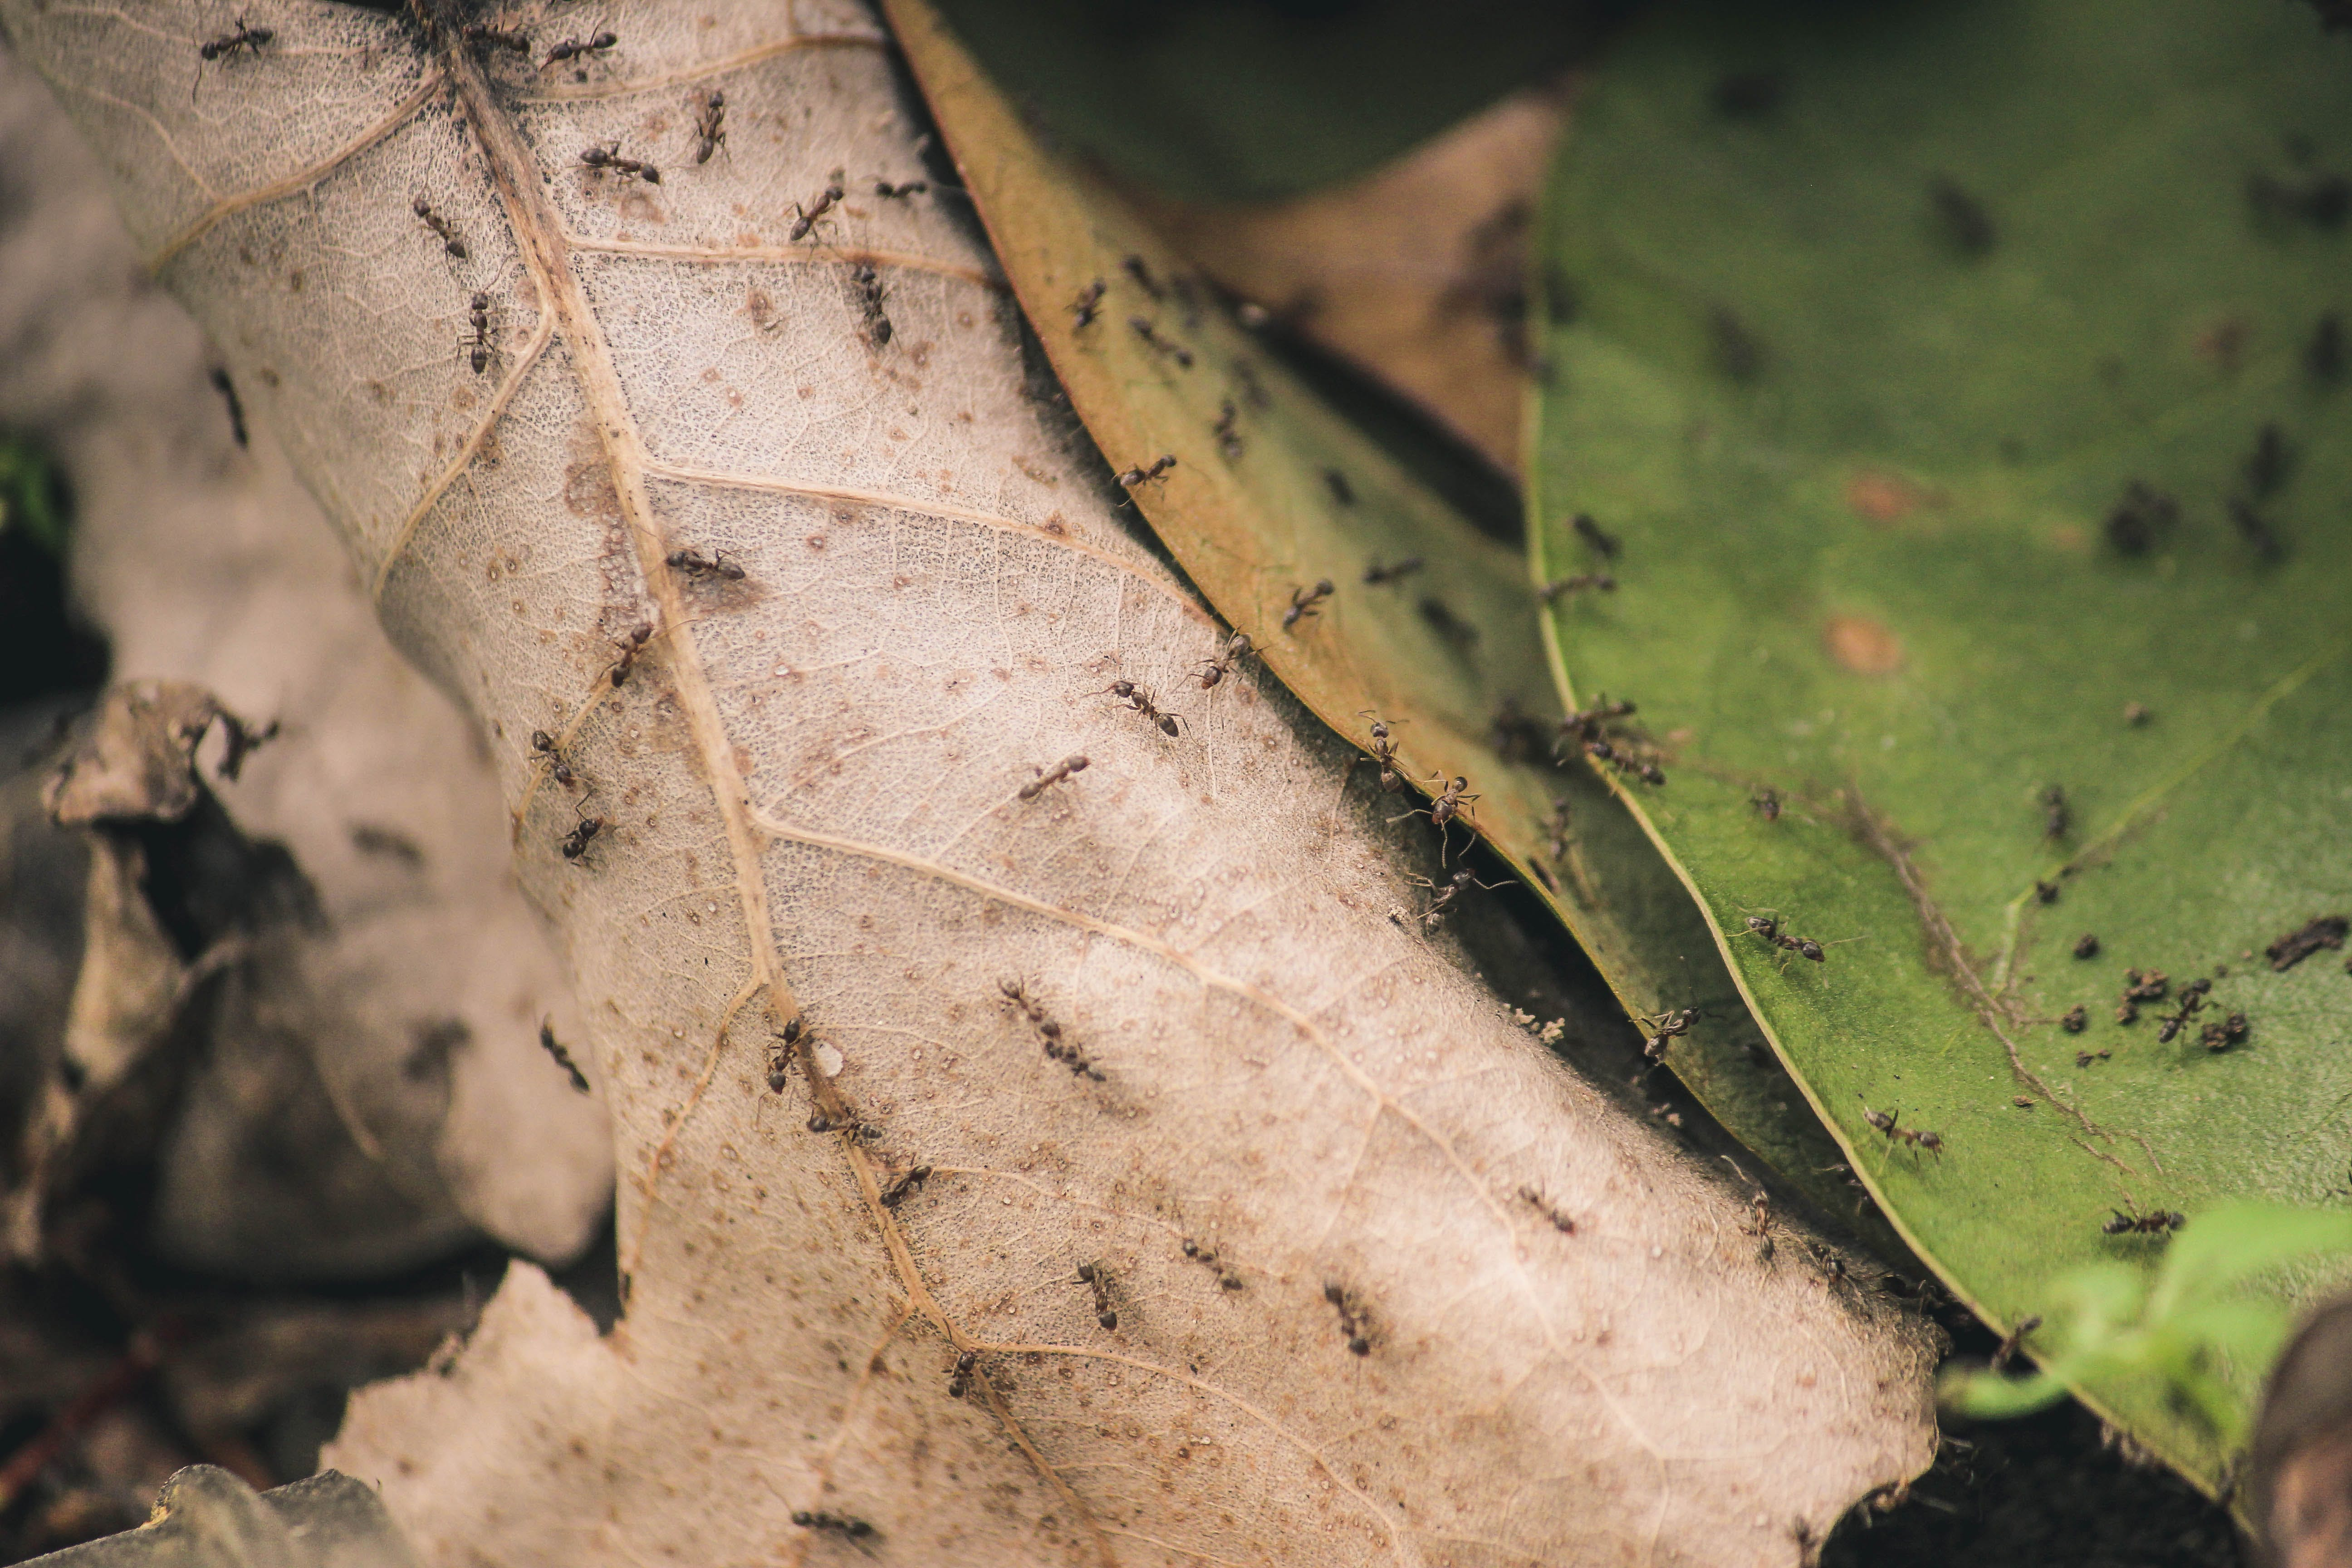 Gratis lagerfoto af close-up, insekter, myrer